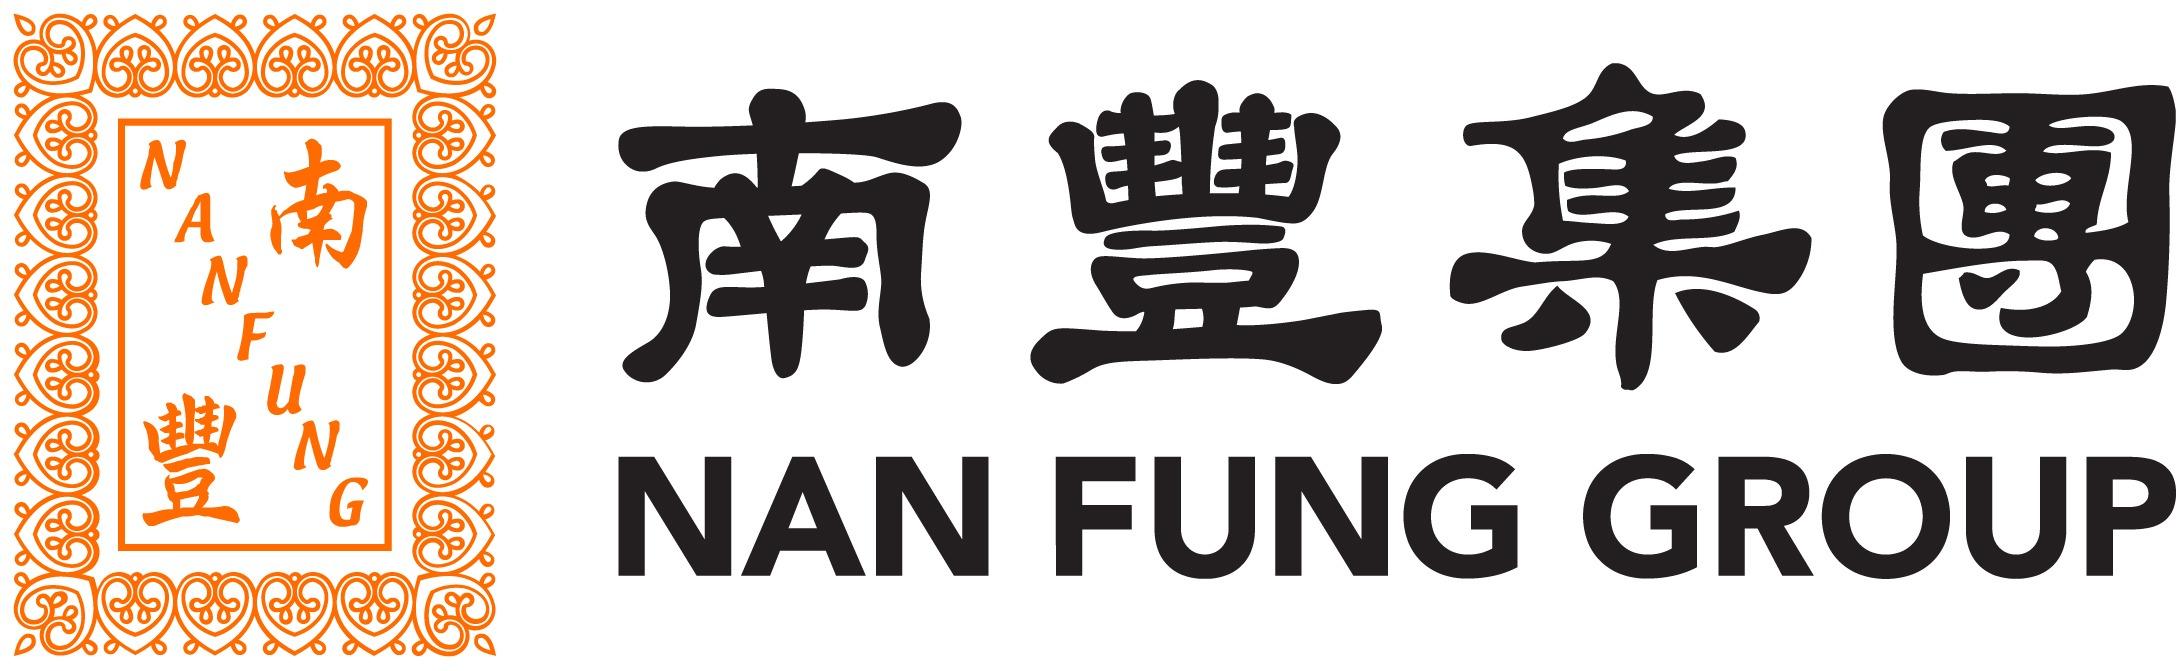 Nan Fung group